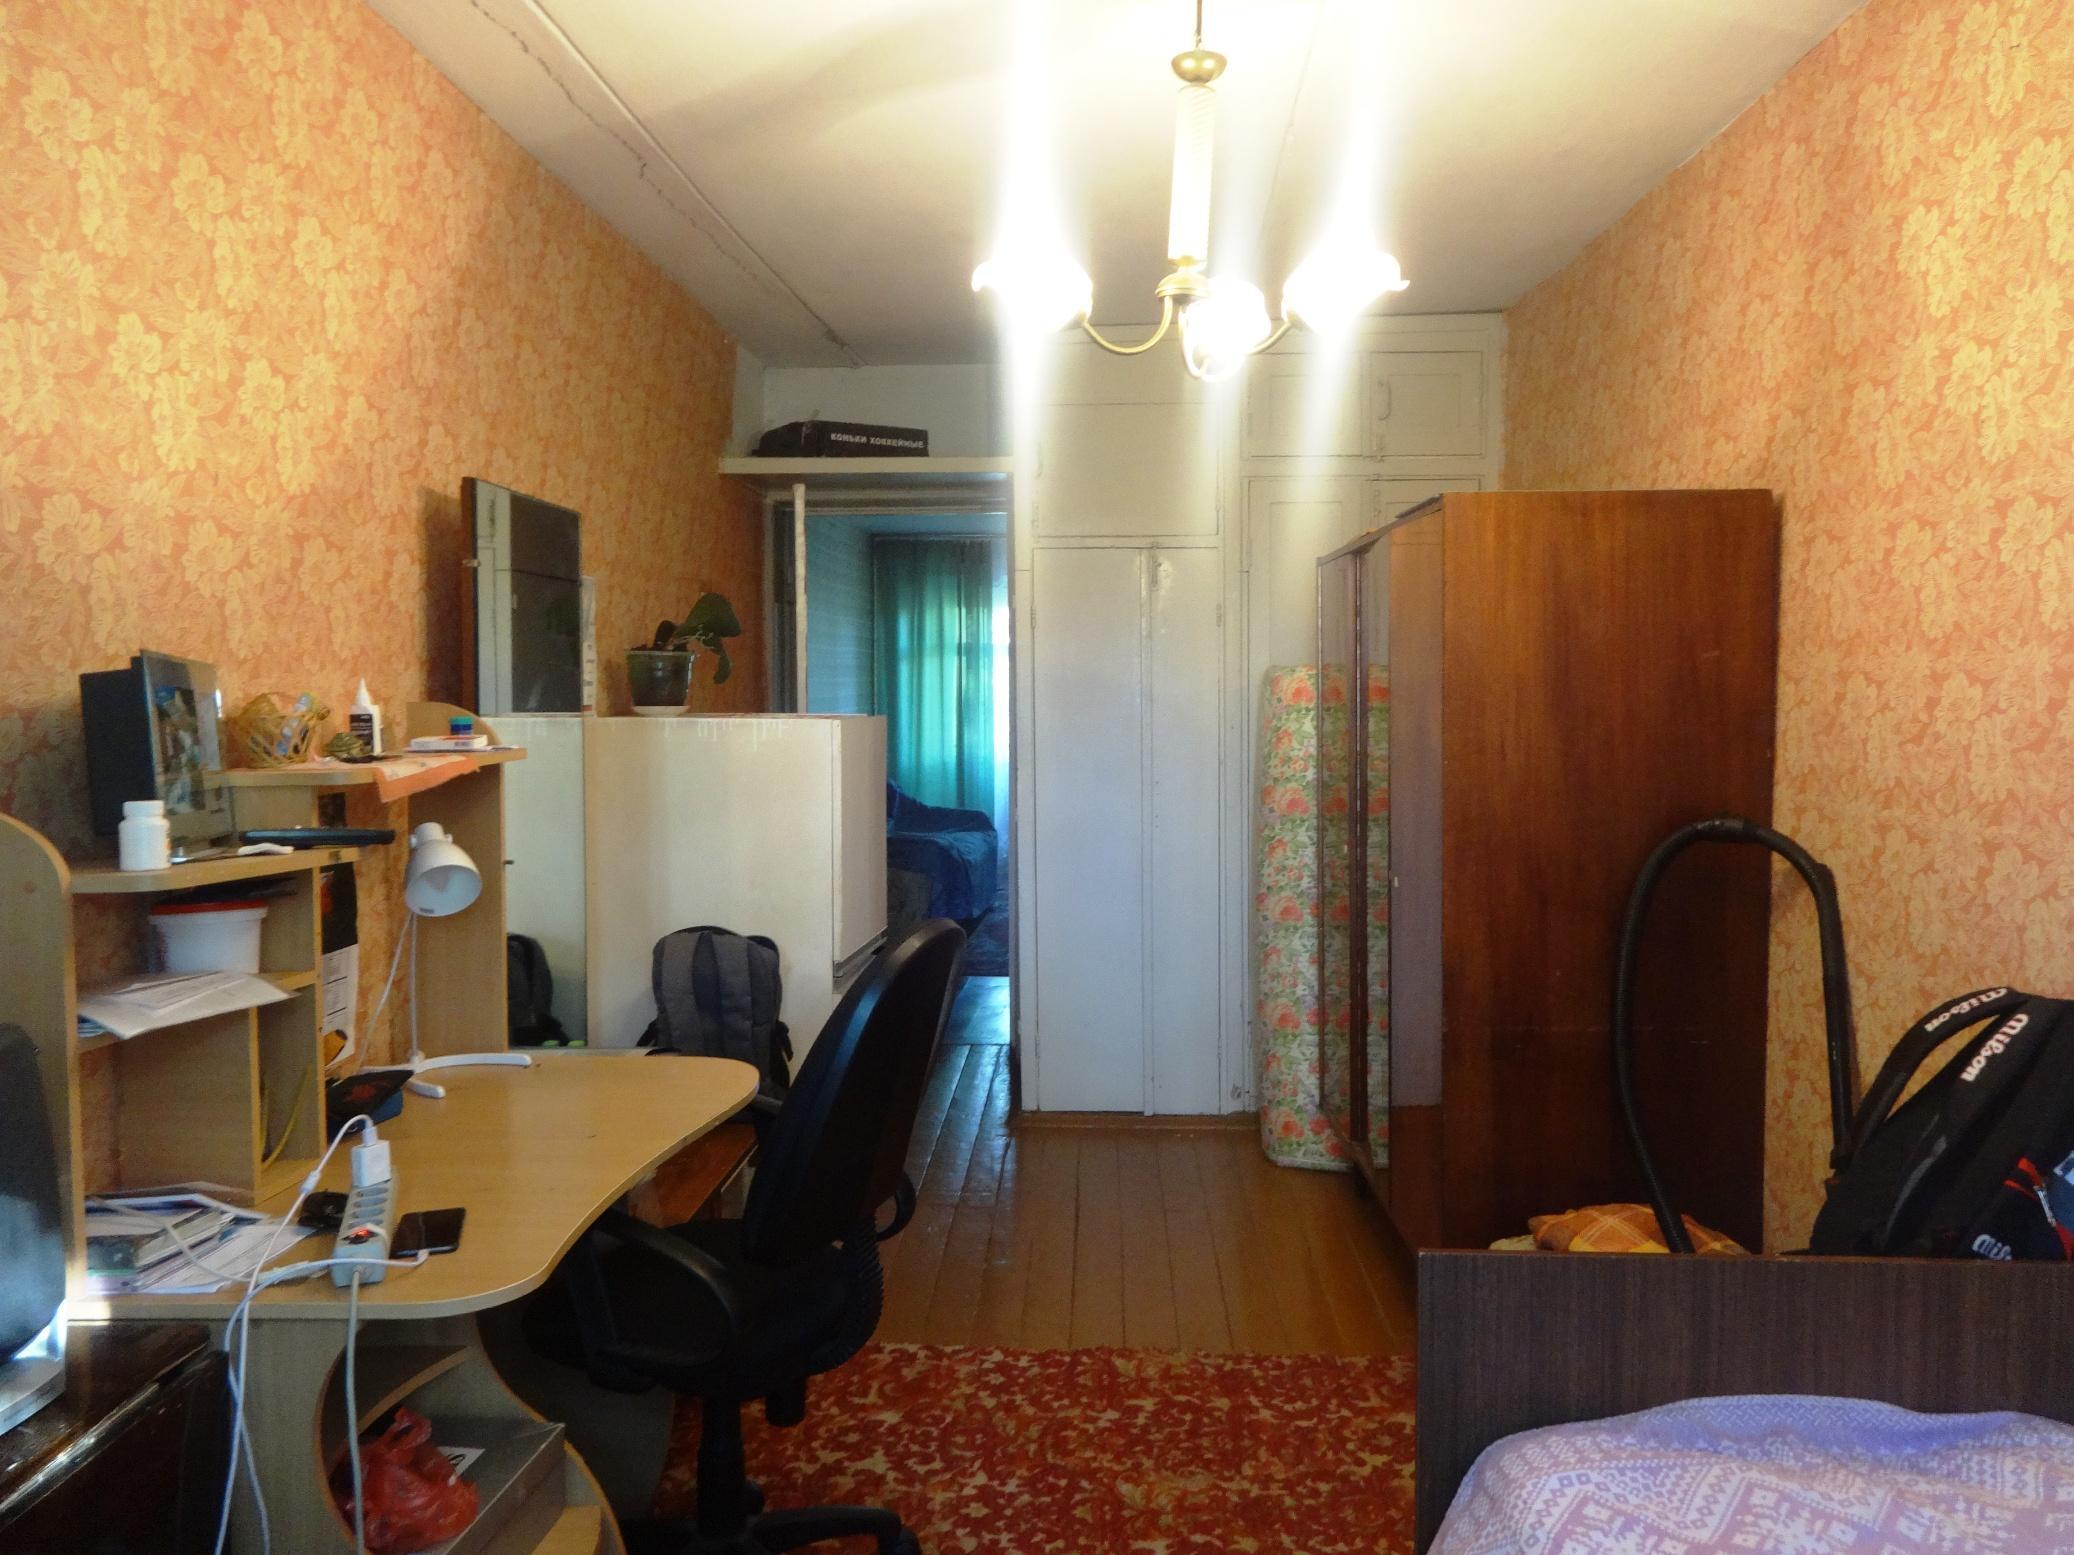 Трехкомнатная квартира - Рижский пр, д. 46